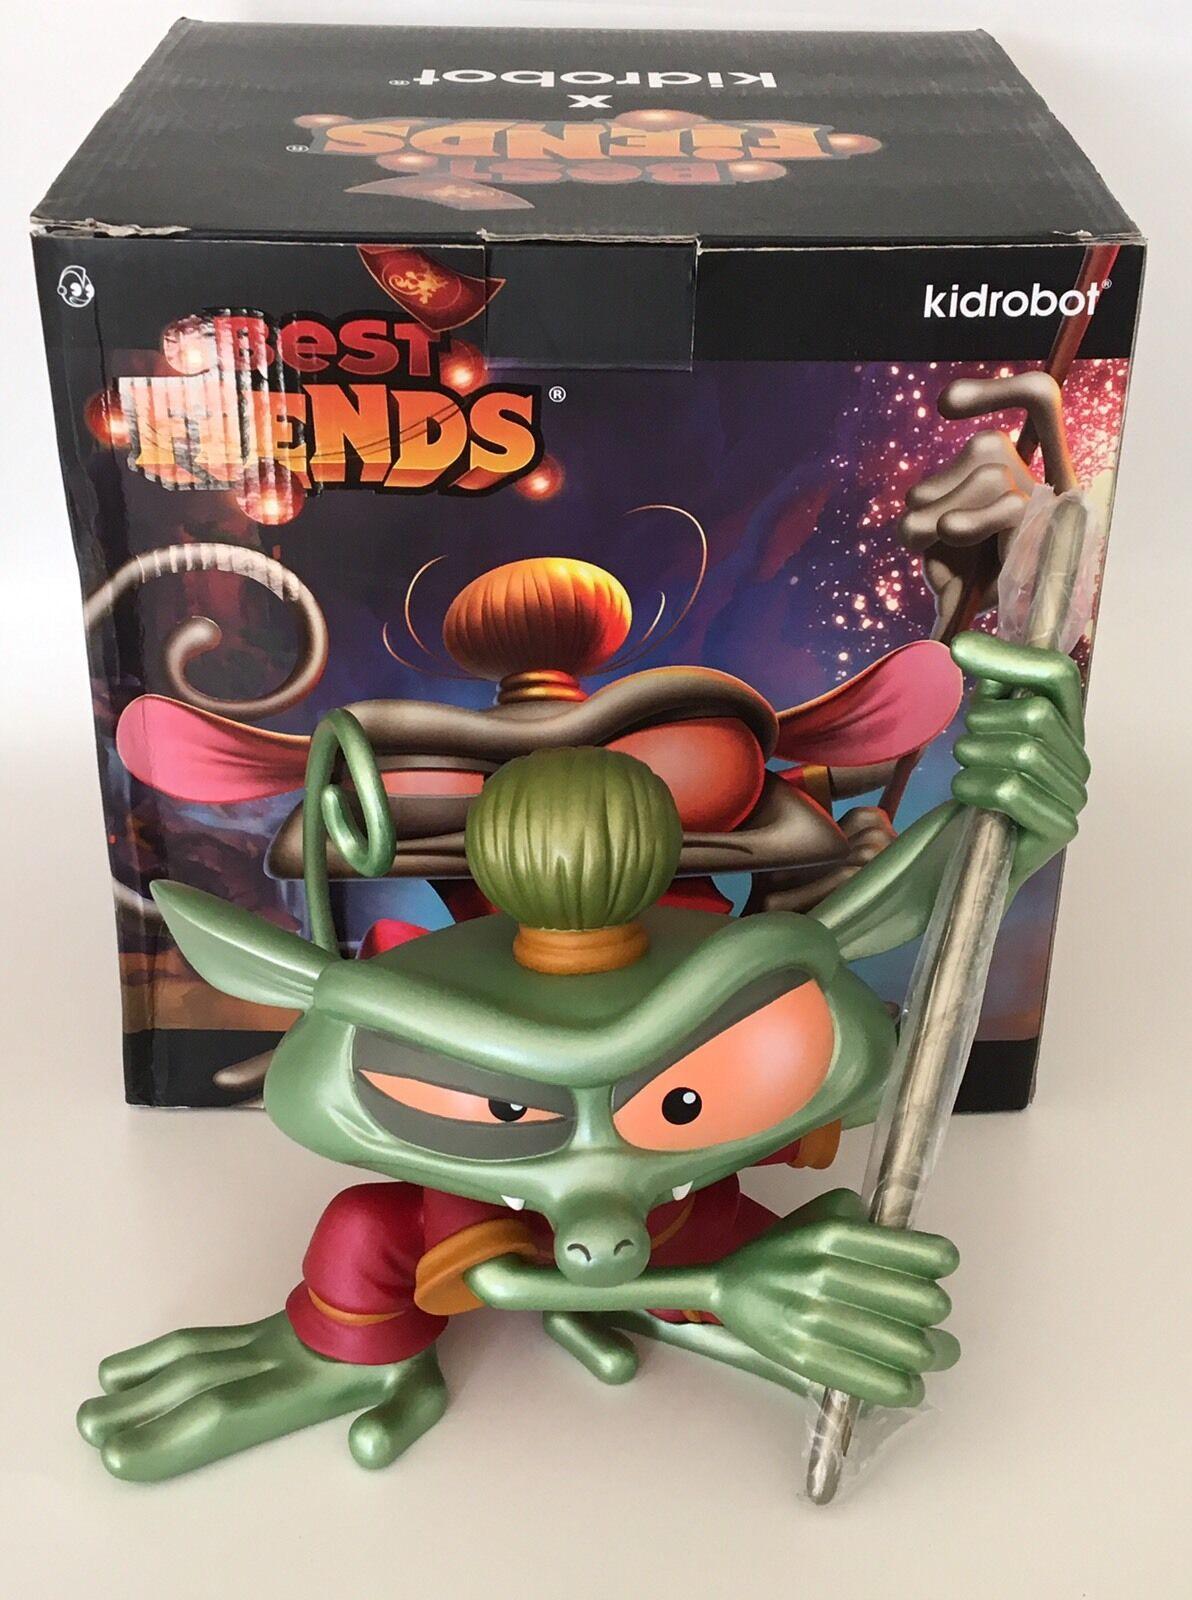 Kidrobot Best Fiends CNY Metallic Grün - Wu The Tarsier Figure w  Box - Rare